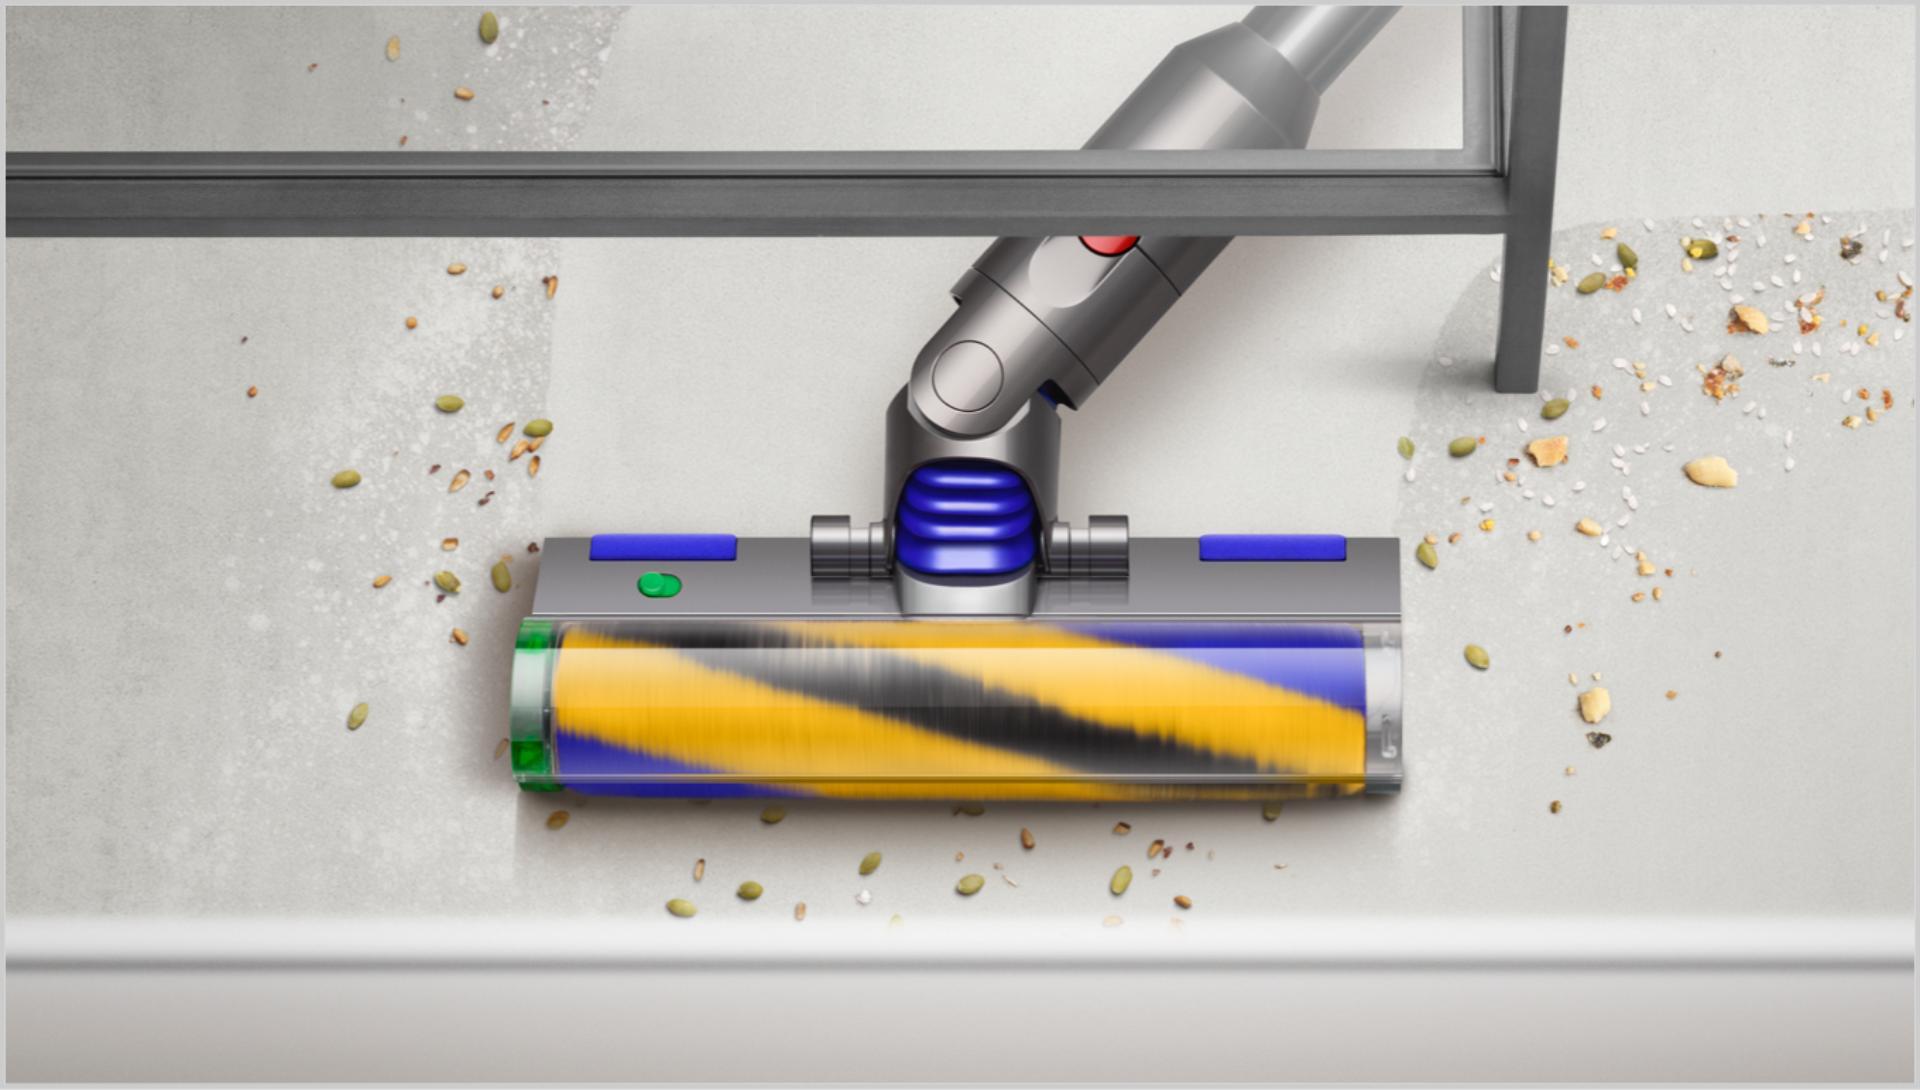 먼지를 보여주는 레이저 슬림 플러피 클리너